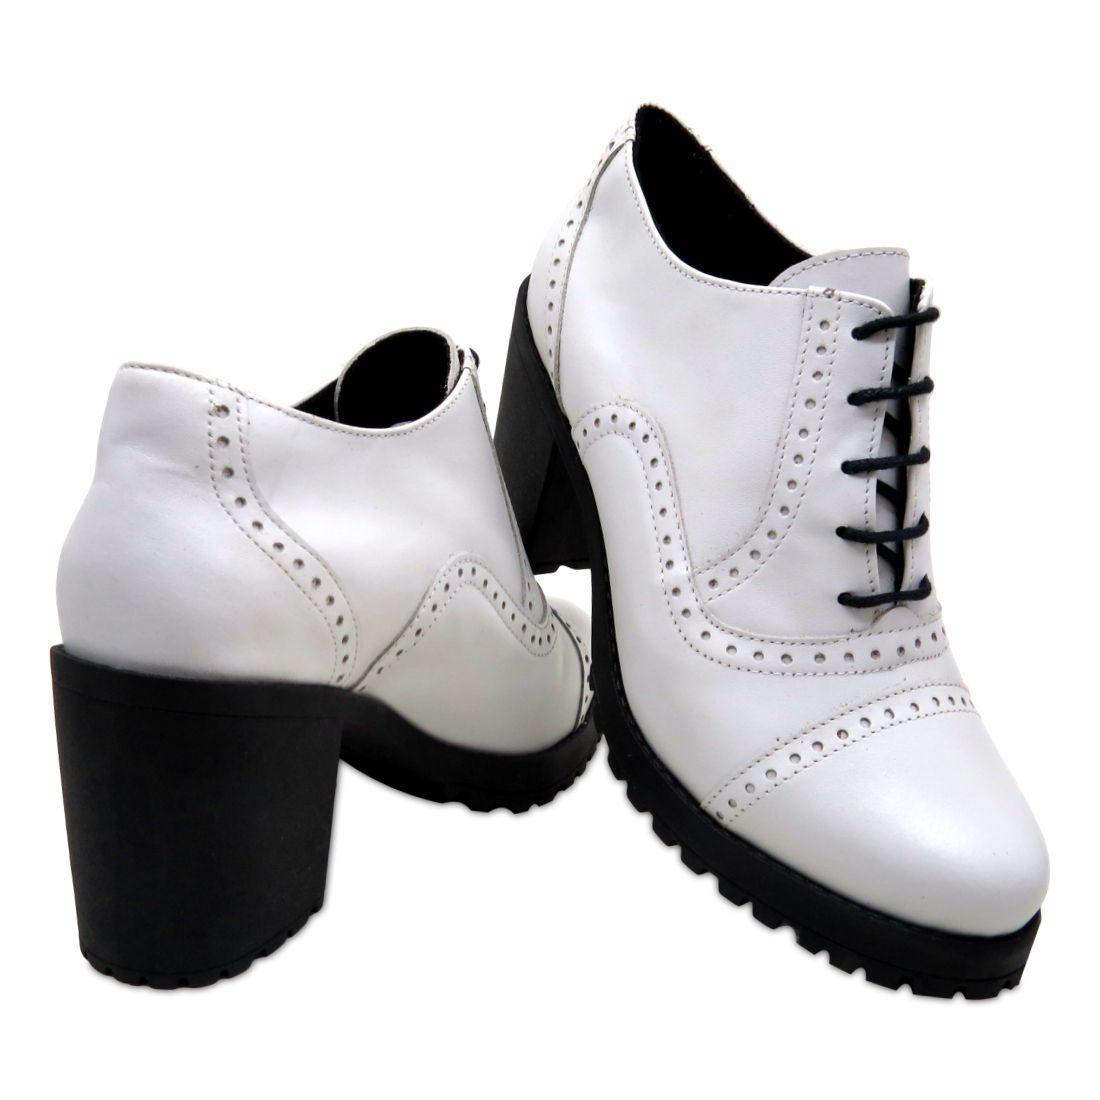 18b85d7a2e Sapato Oxford Feminino QA Enviamix em Couro Branco R$ 139,90 à vista.  Adicionar à sacola